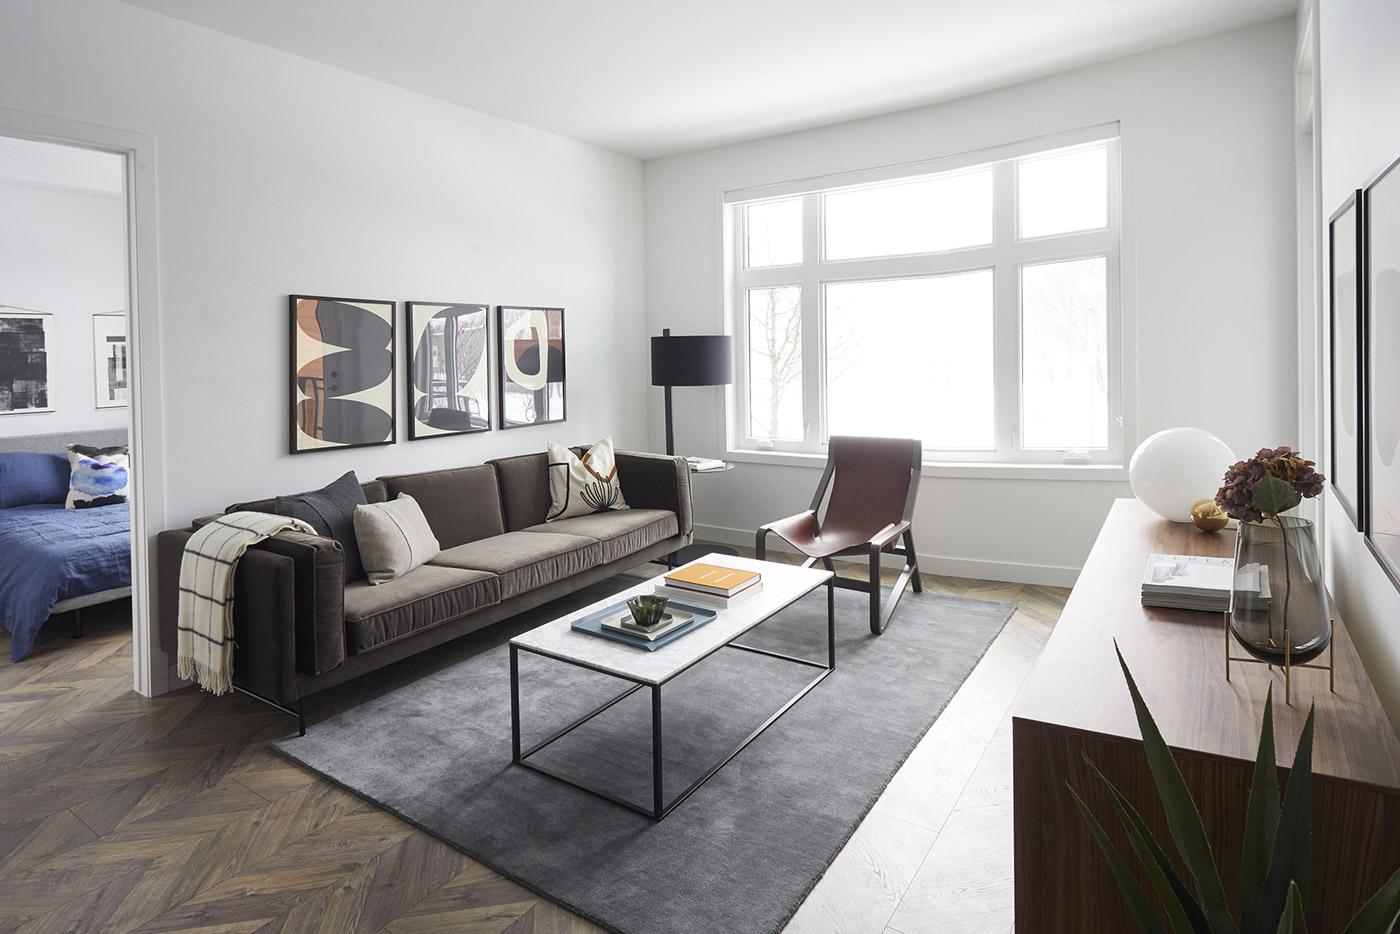 interiors1